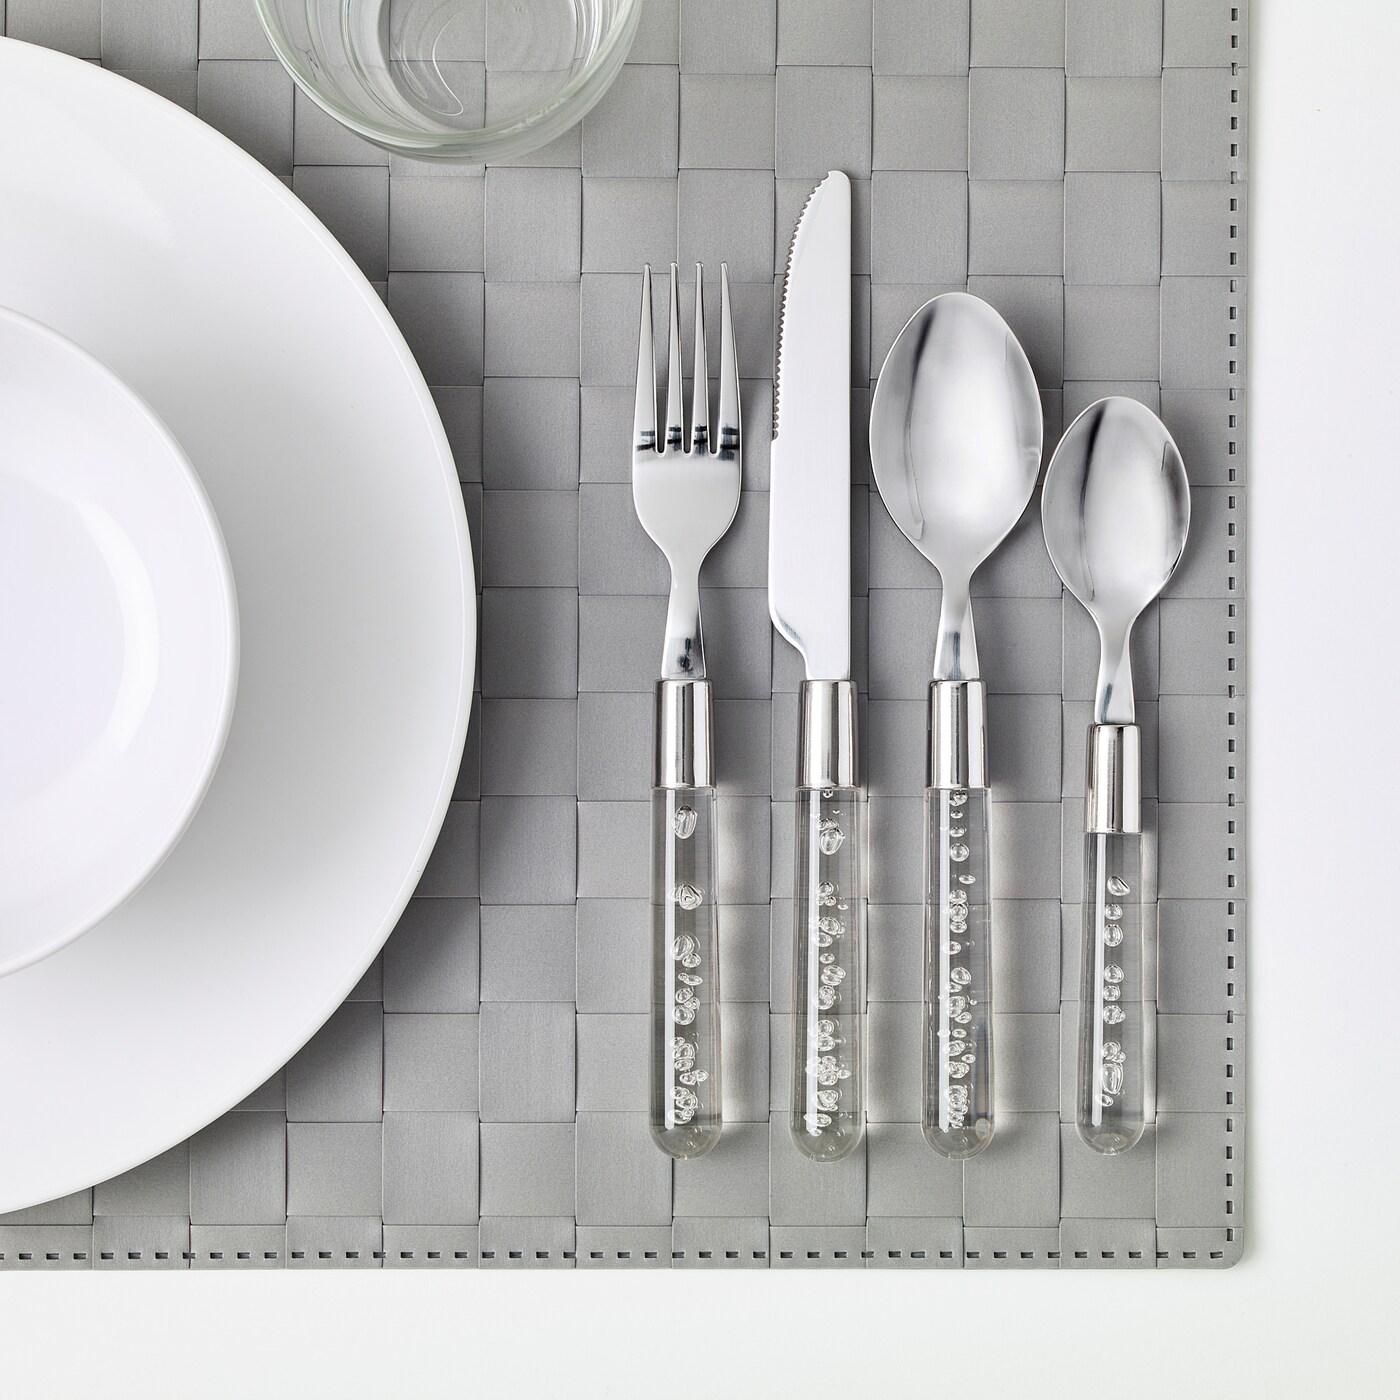 24 Pc Conjunto de Cubiertos De Acero Inoxidable Vajilla Comedor Cuchillos Tenedores Cucharas por Ikea